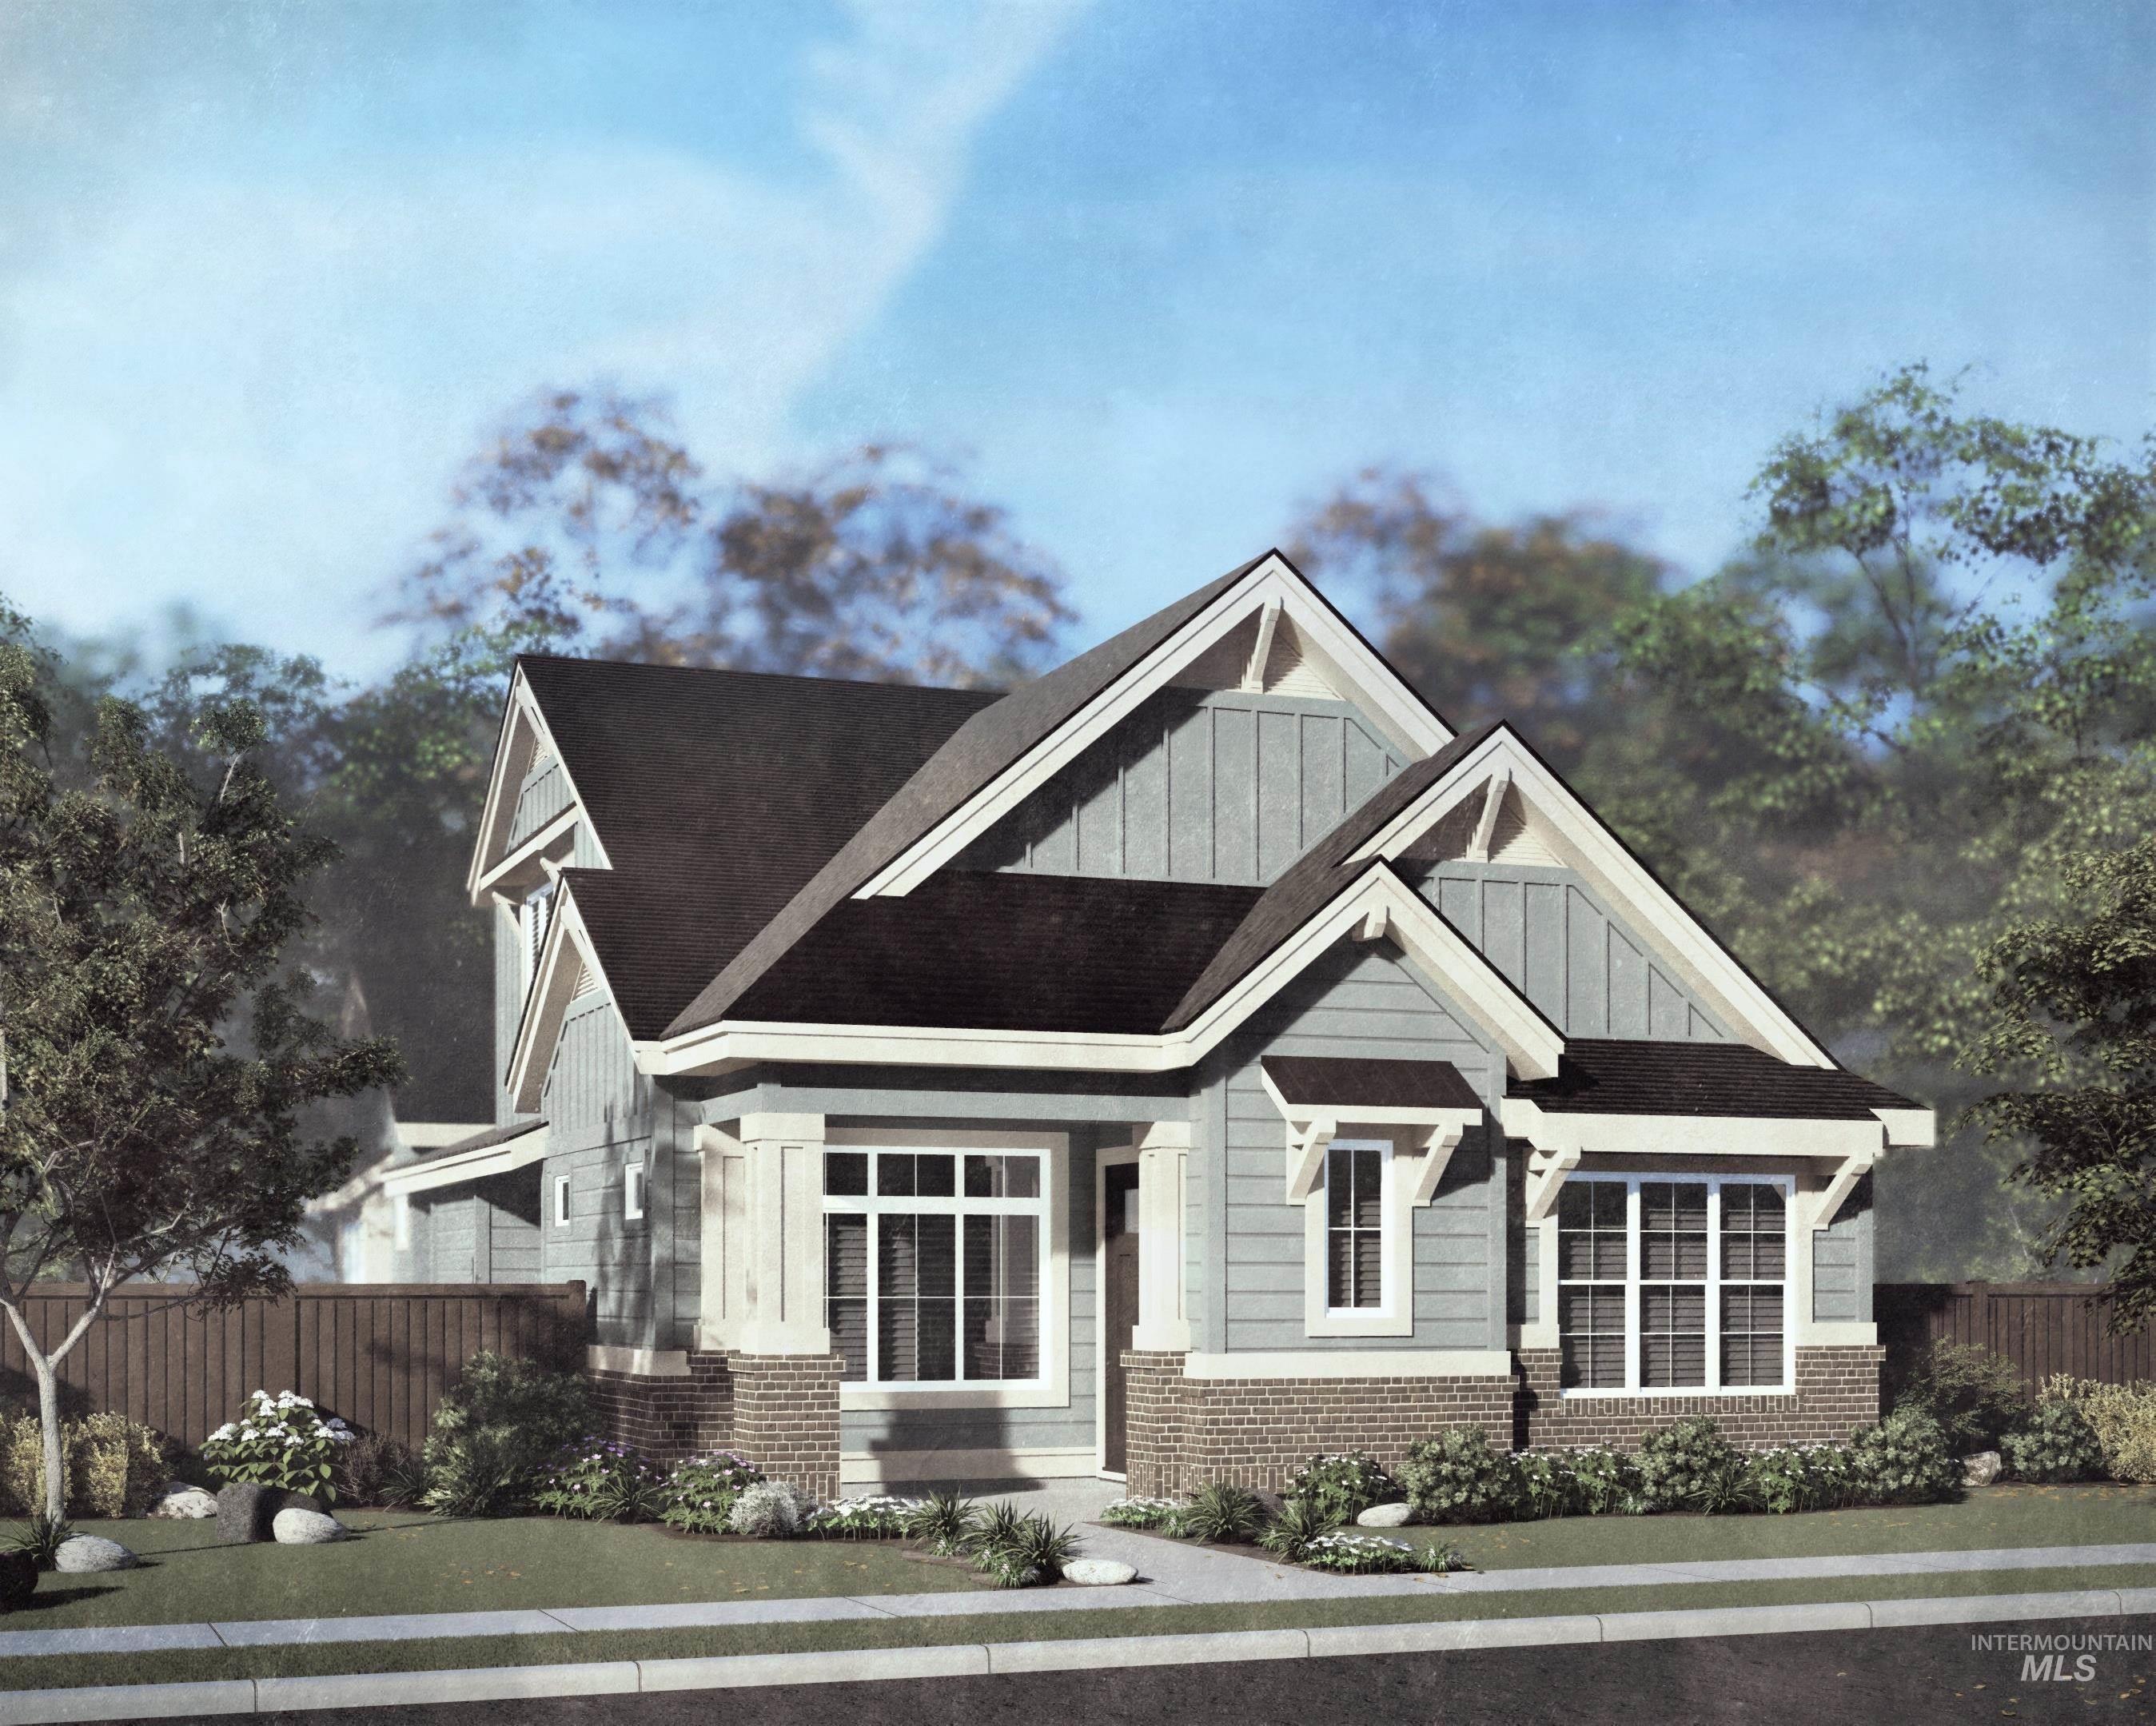 3893 W. Silver River Ln Property Photo